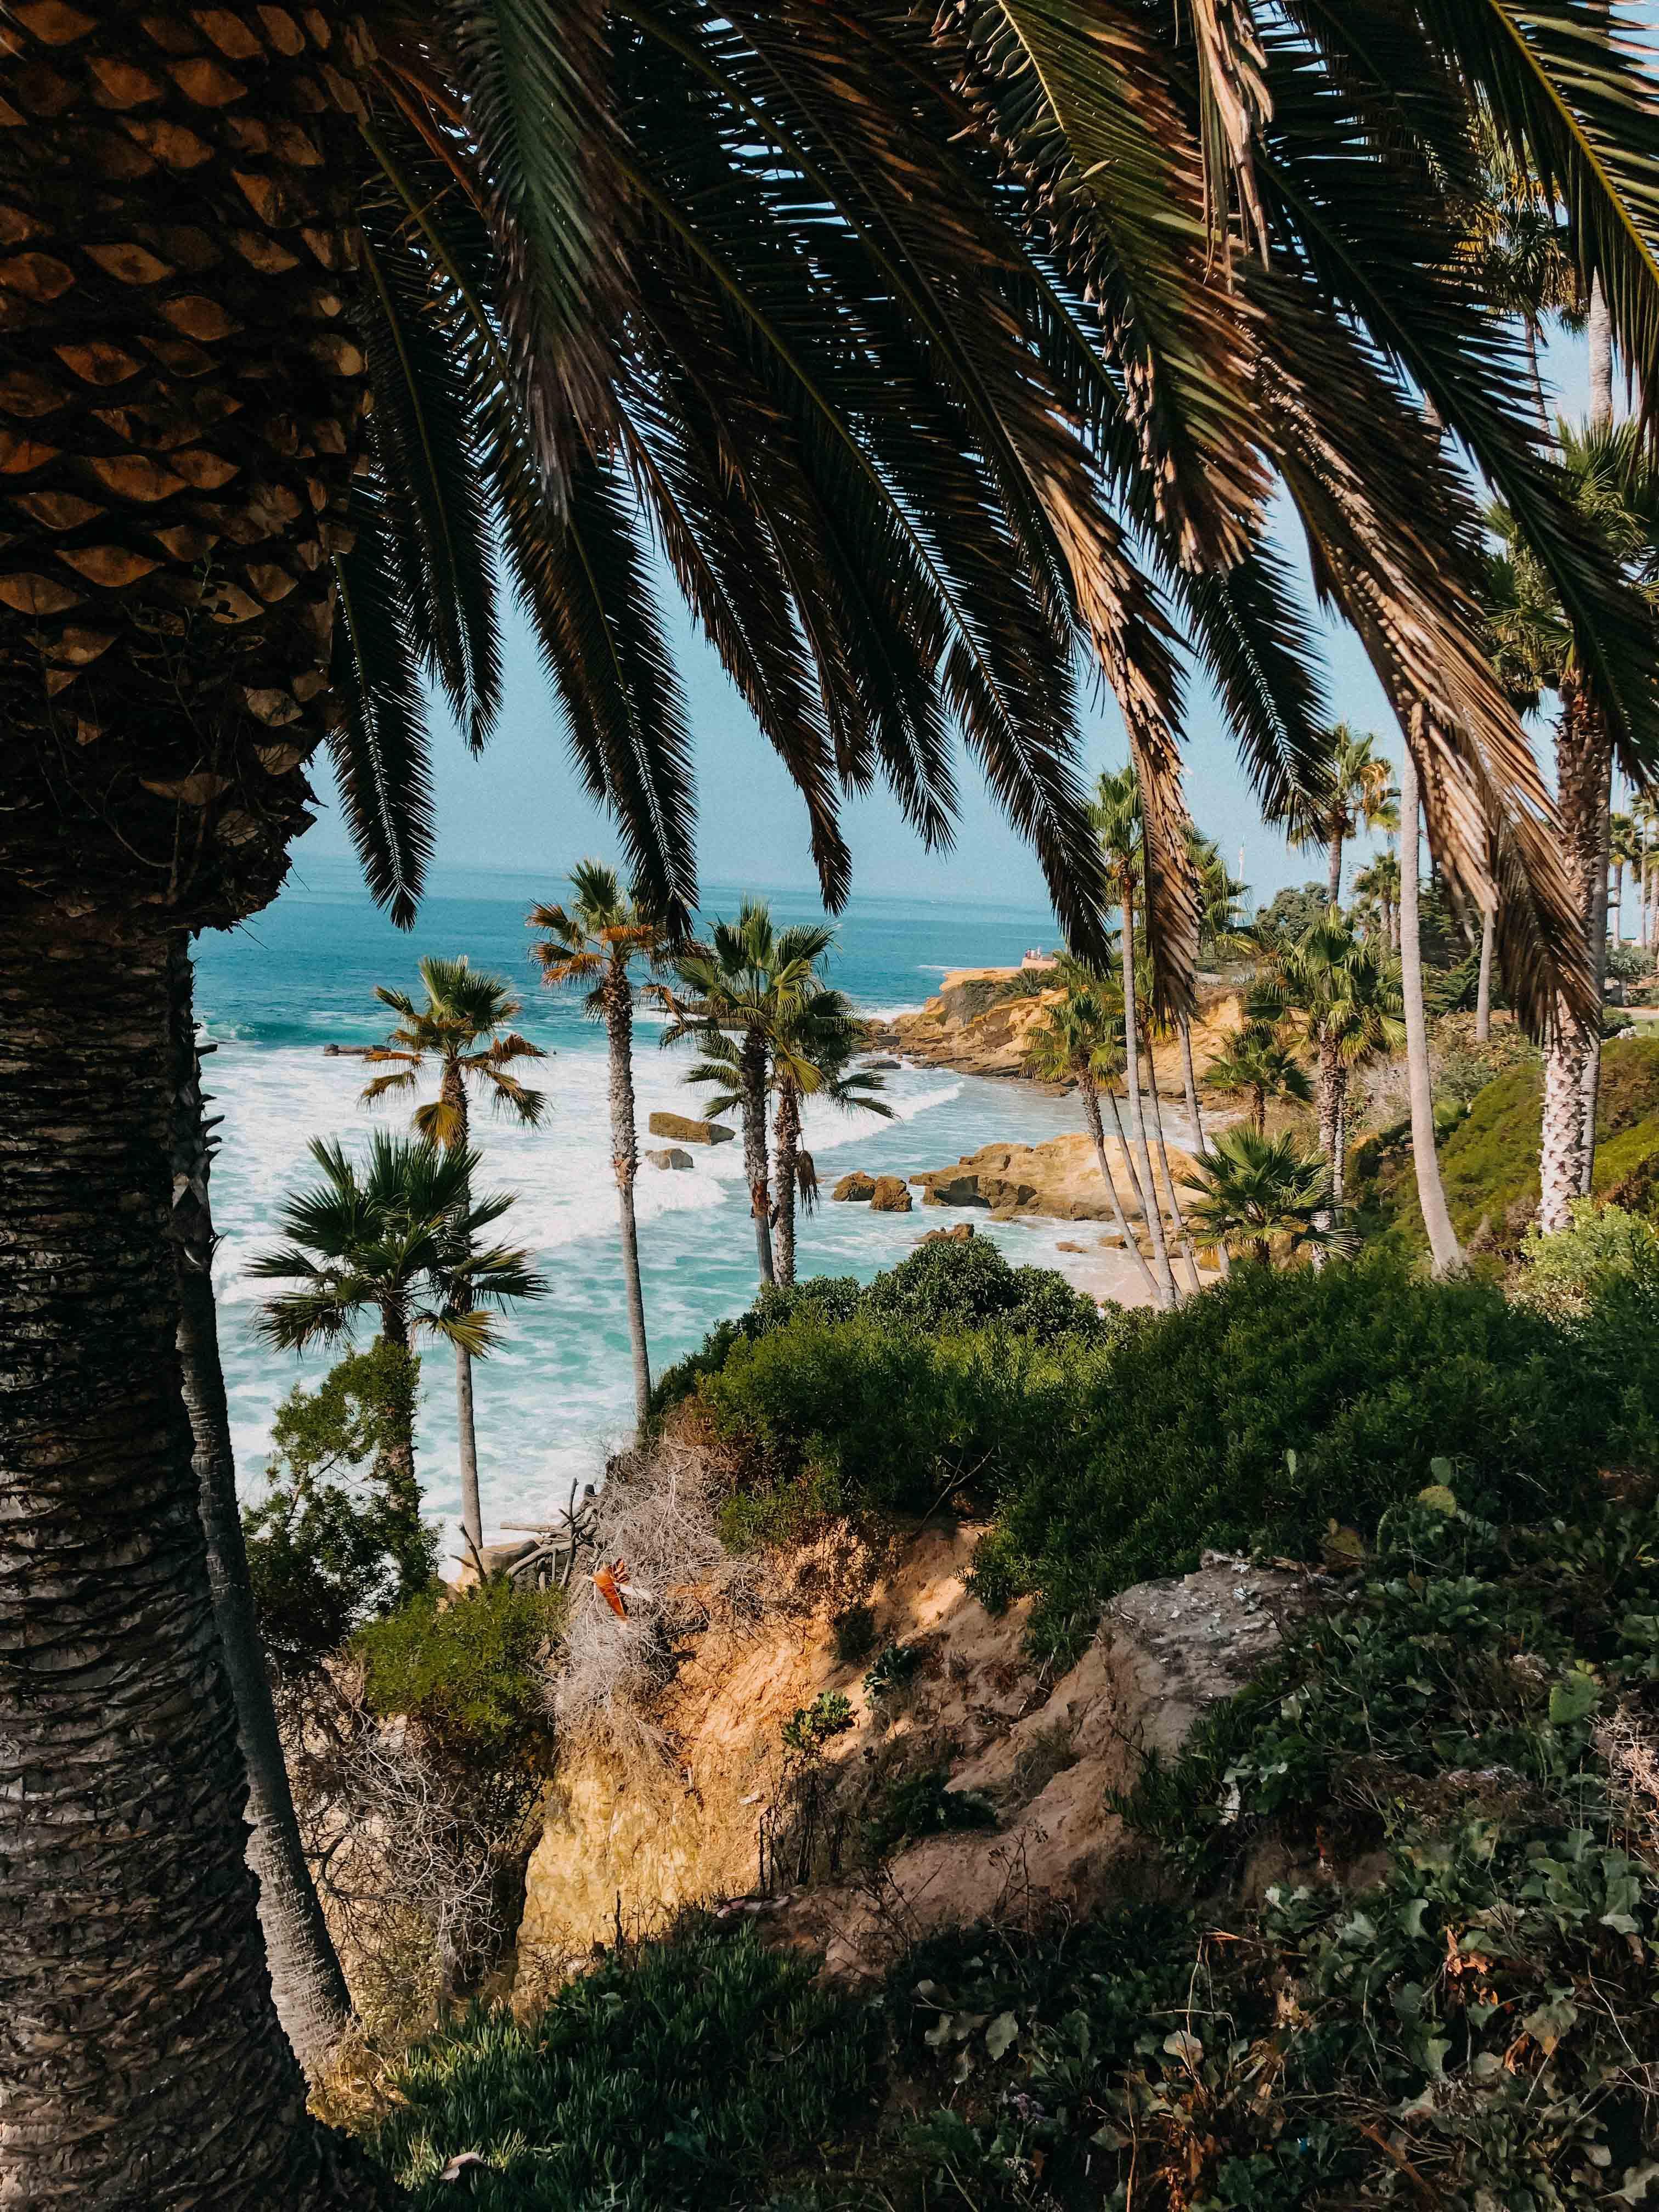 Top Insider Tipps Los Angeles Laguna Beach Traumstrände LA beste Strände Tipp bester Strand USA Amerika 7